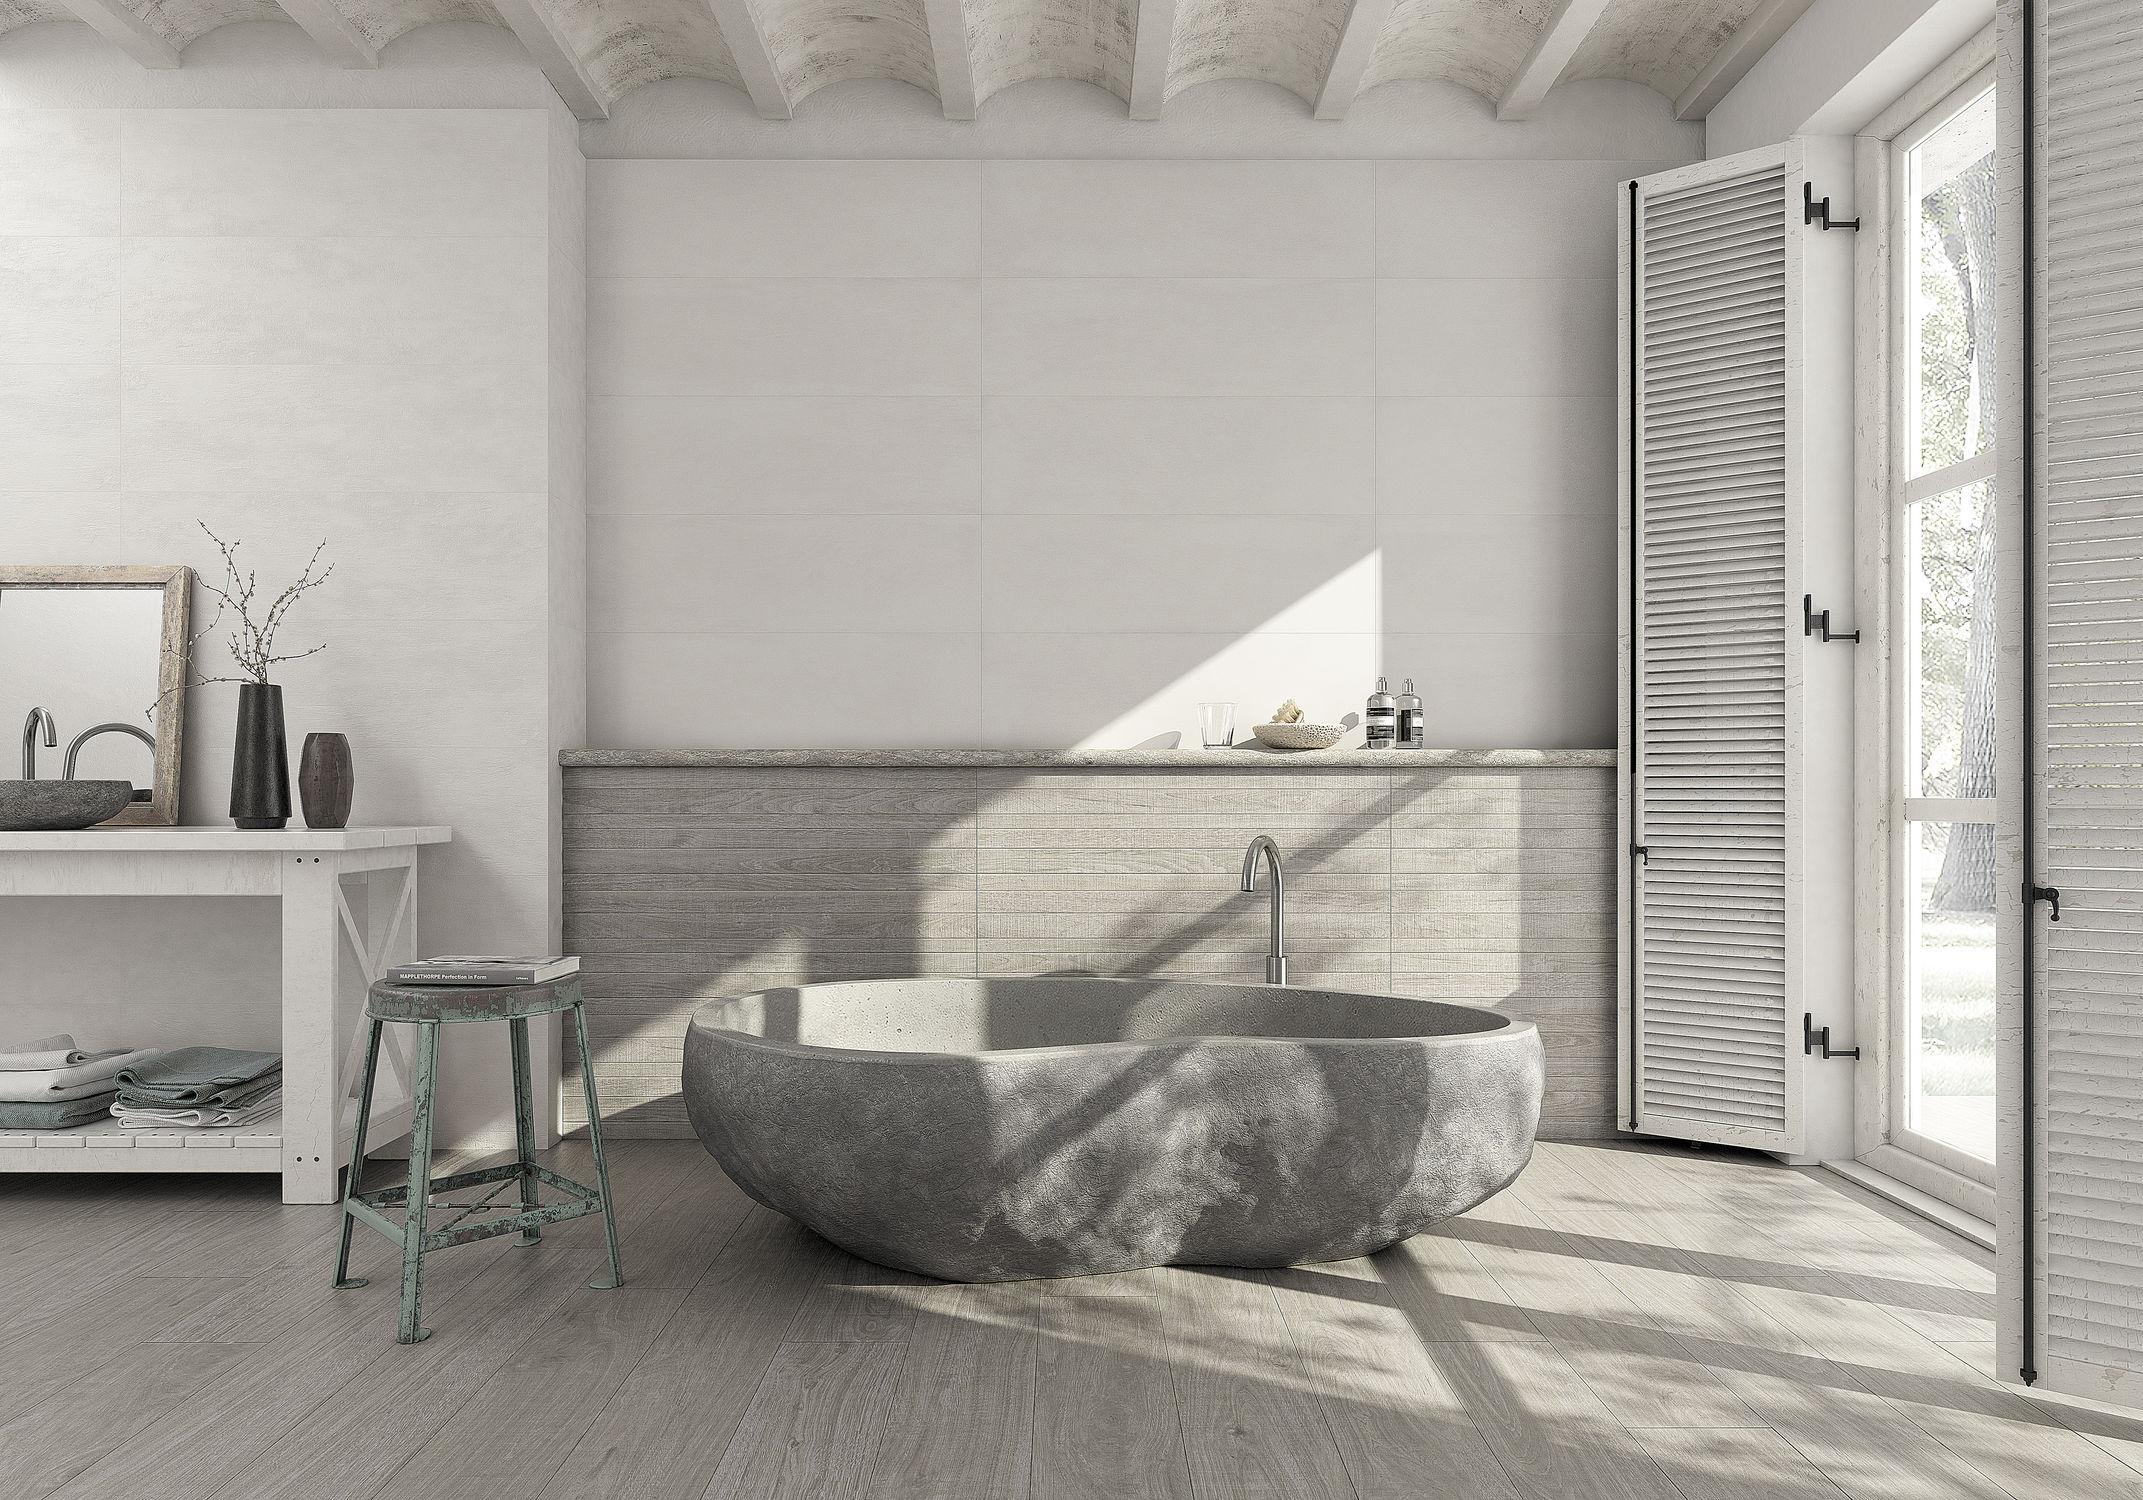 Piastrella per interni da parete in ceramica rettangolare